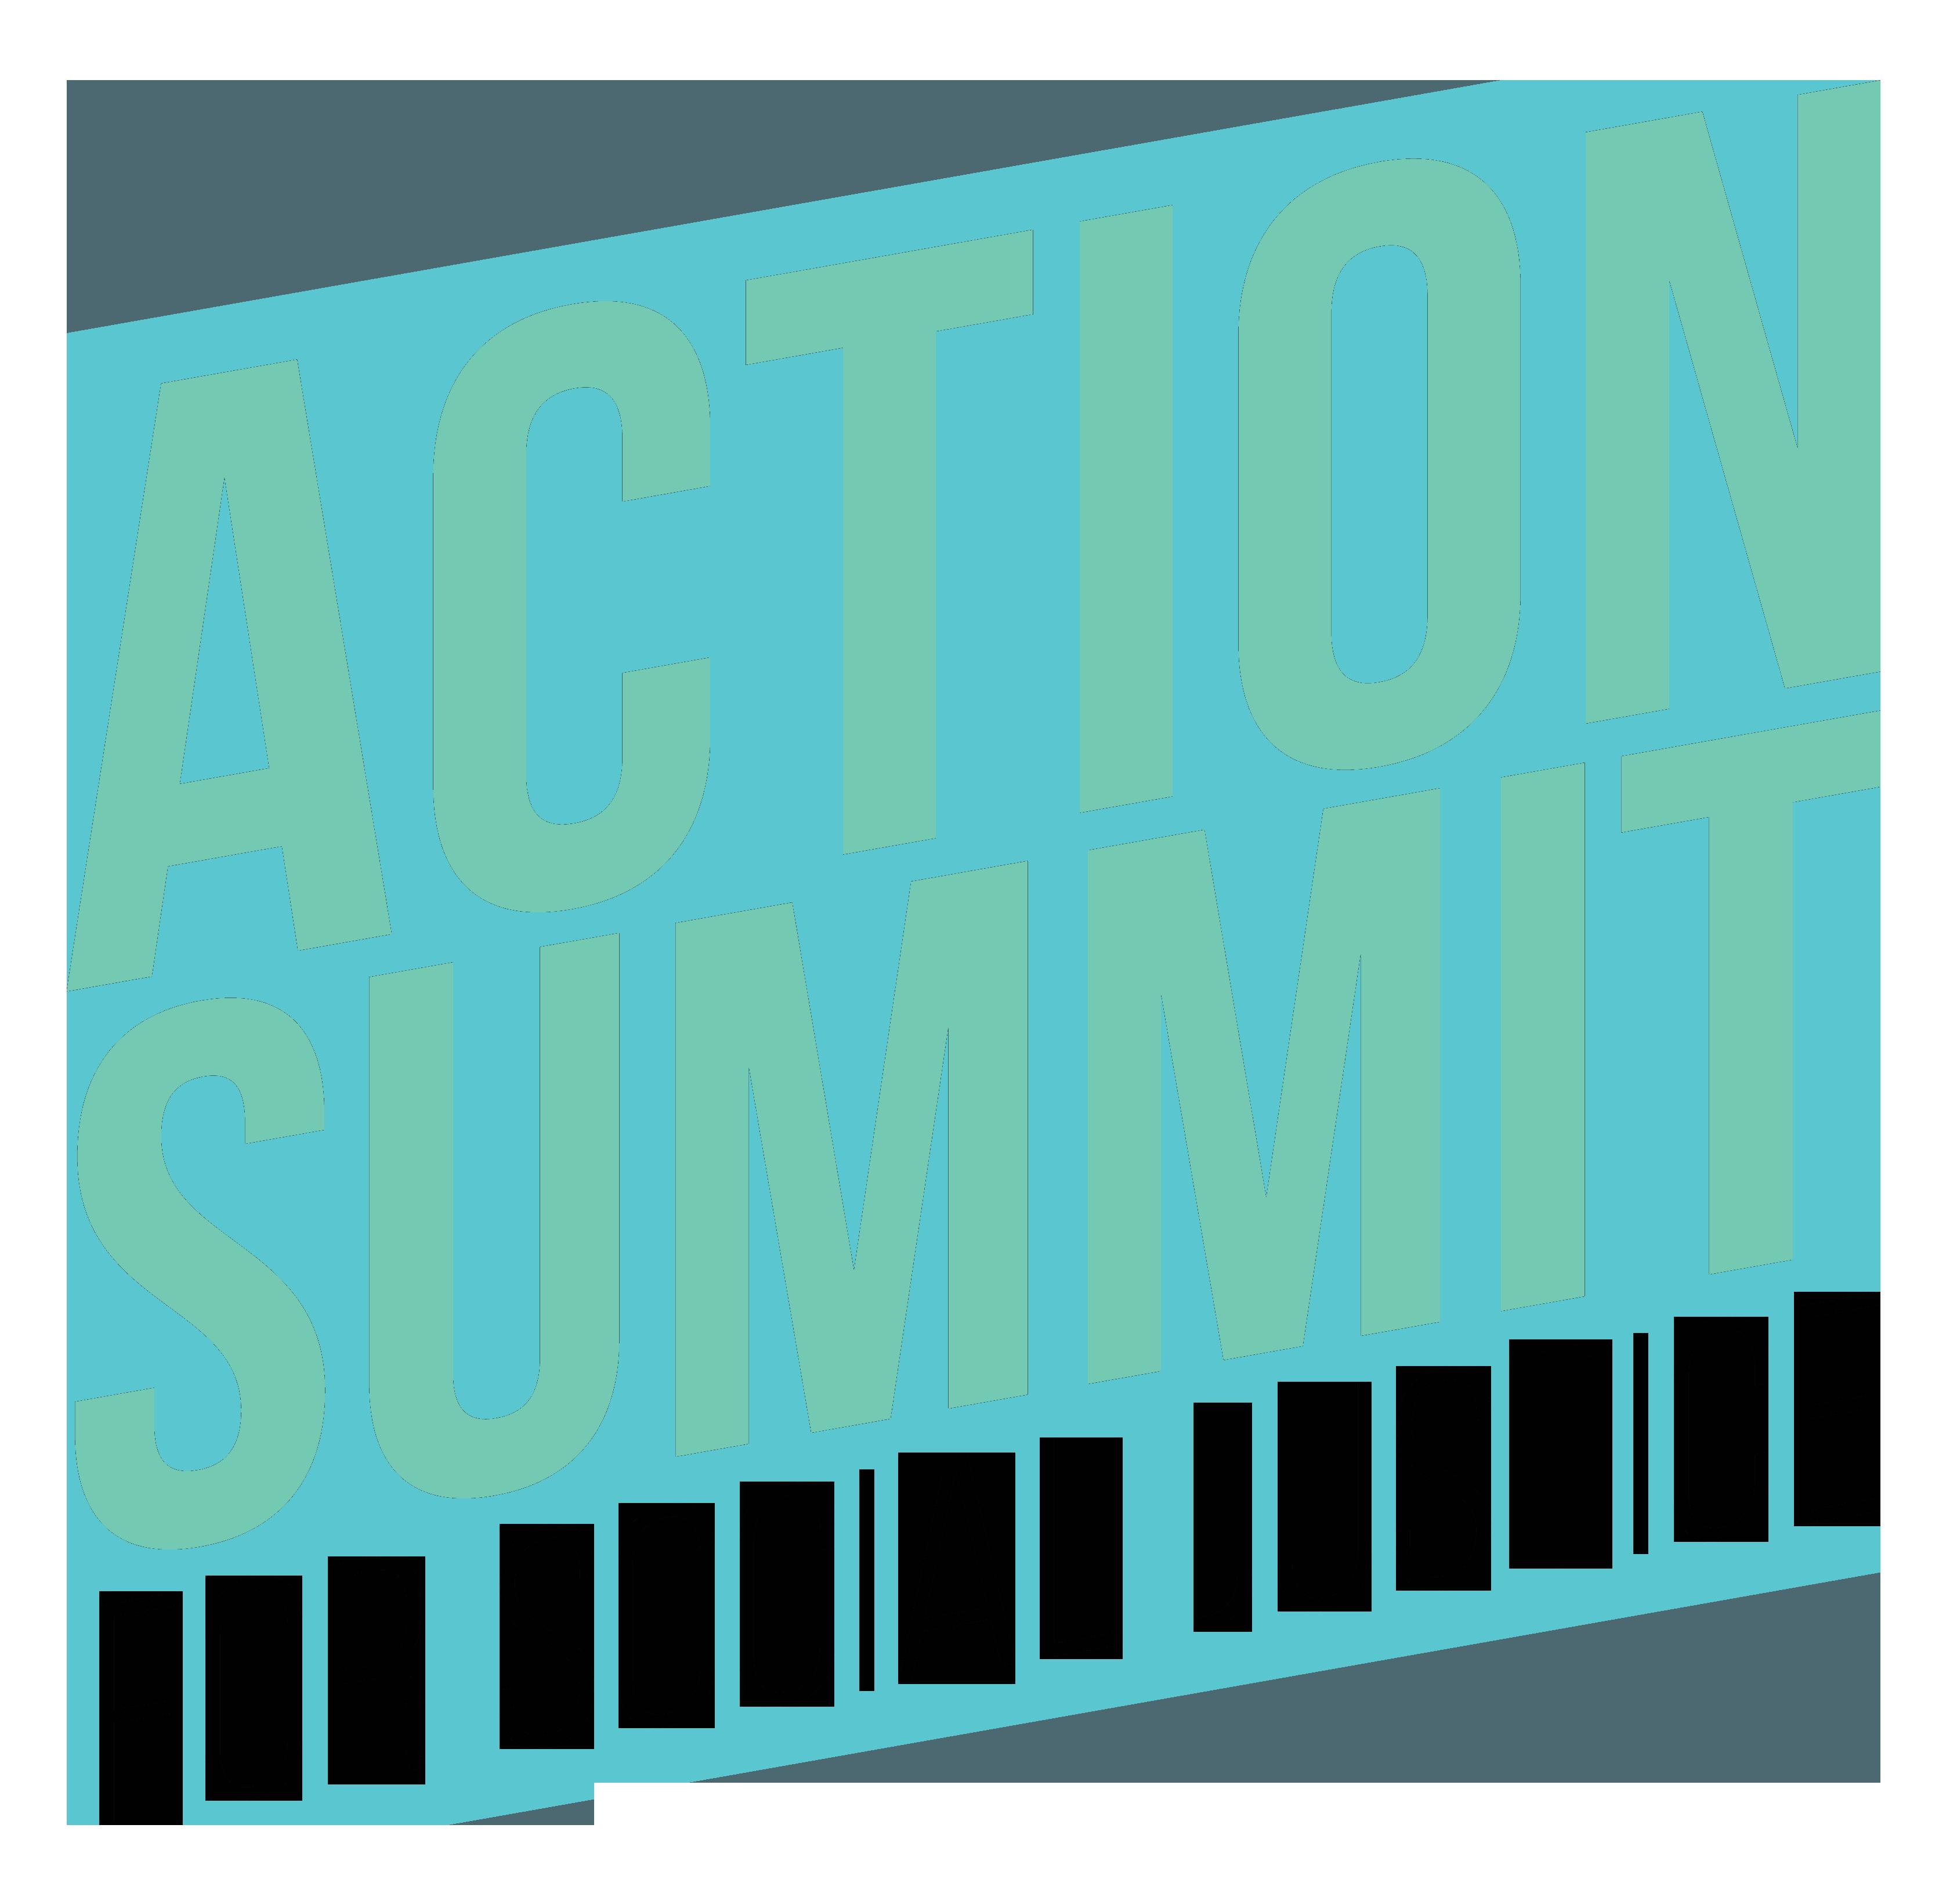 Action Summit